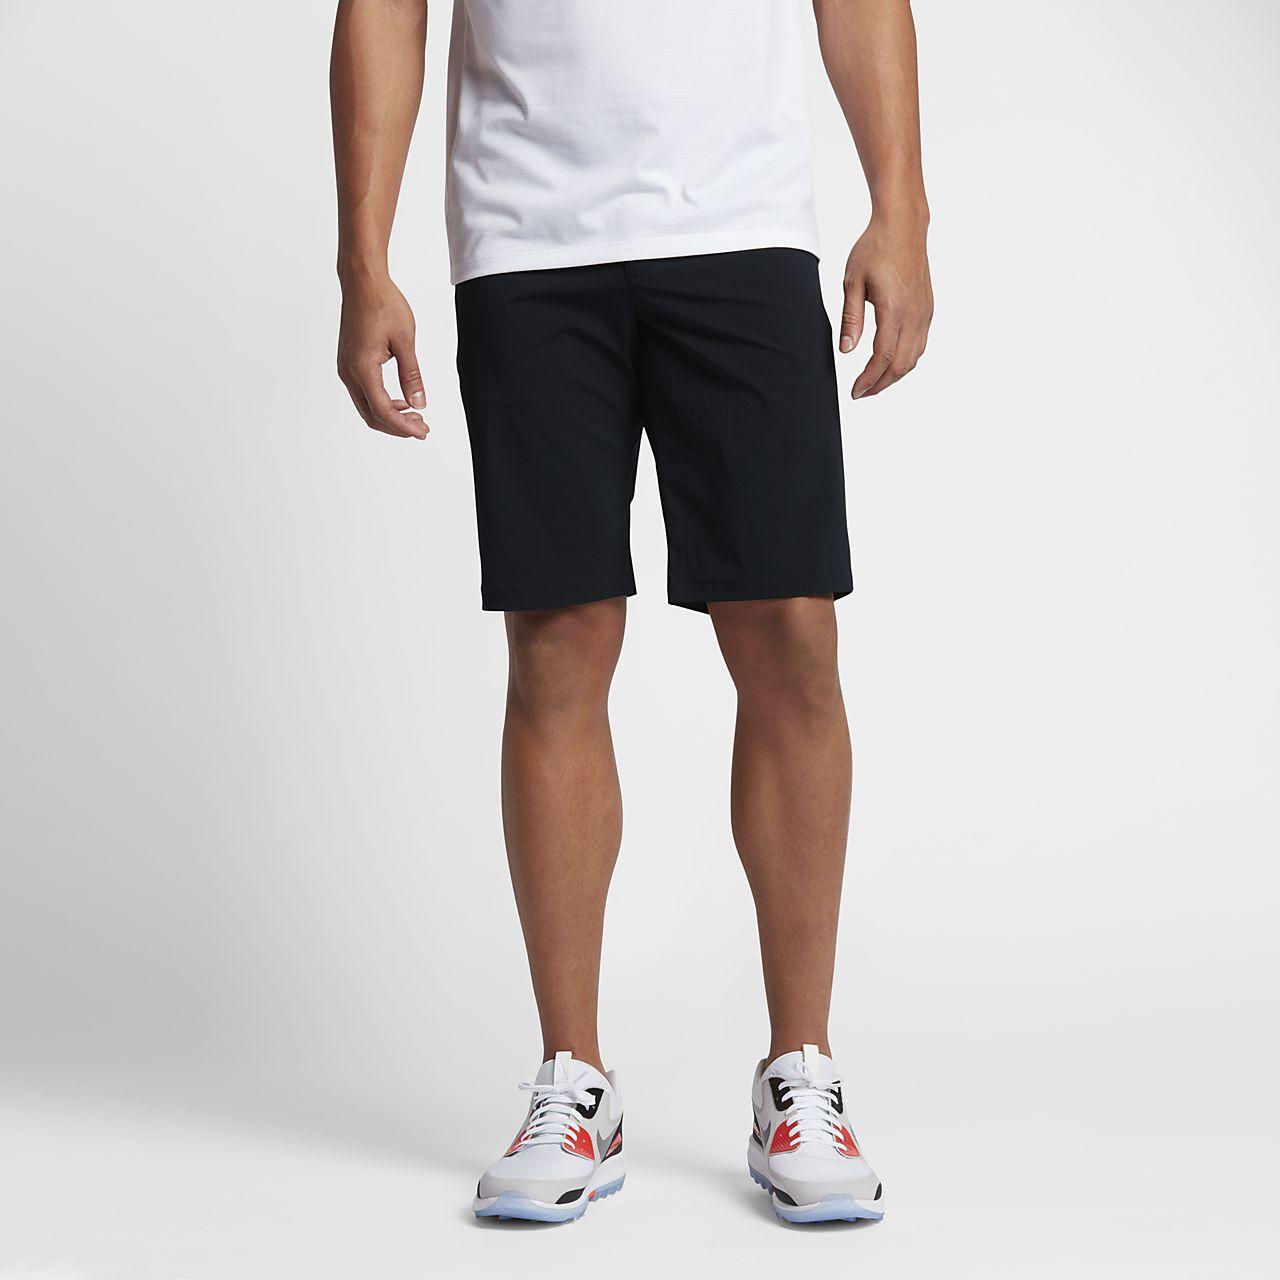 Nike Dry Desert Men's Golf Shorts